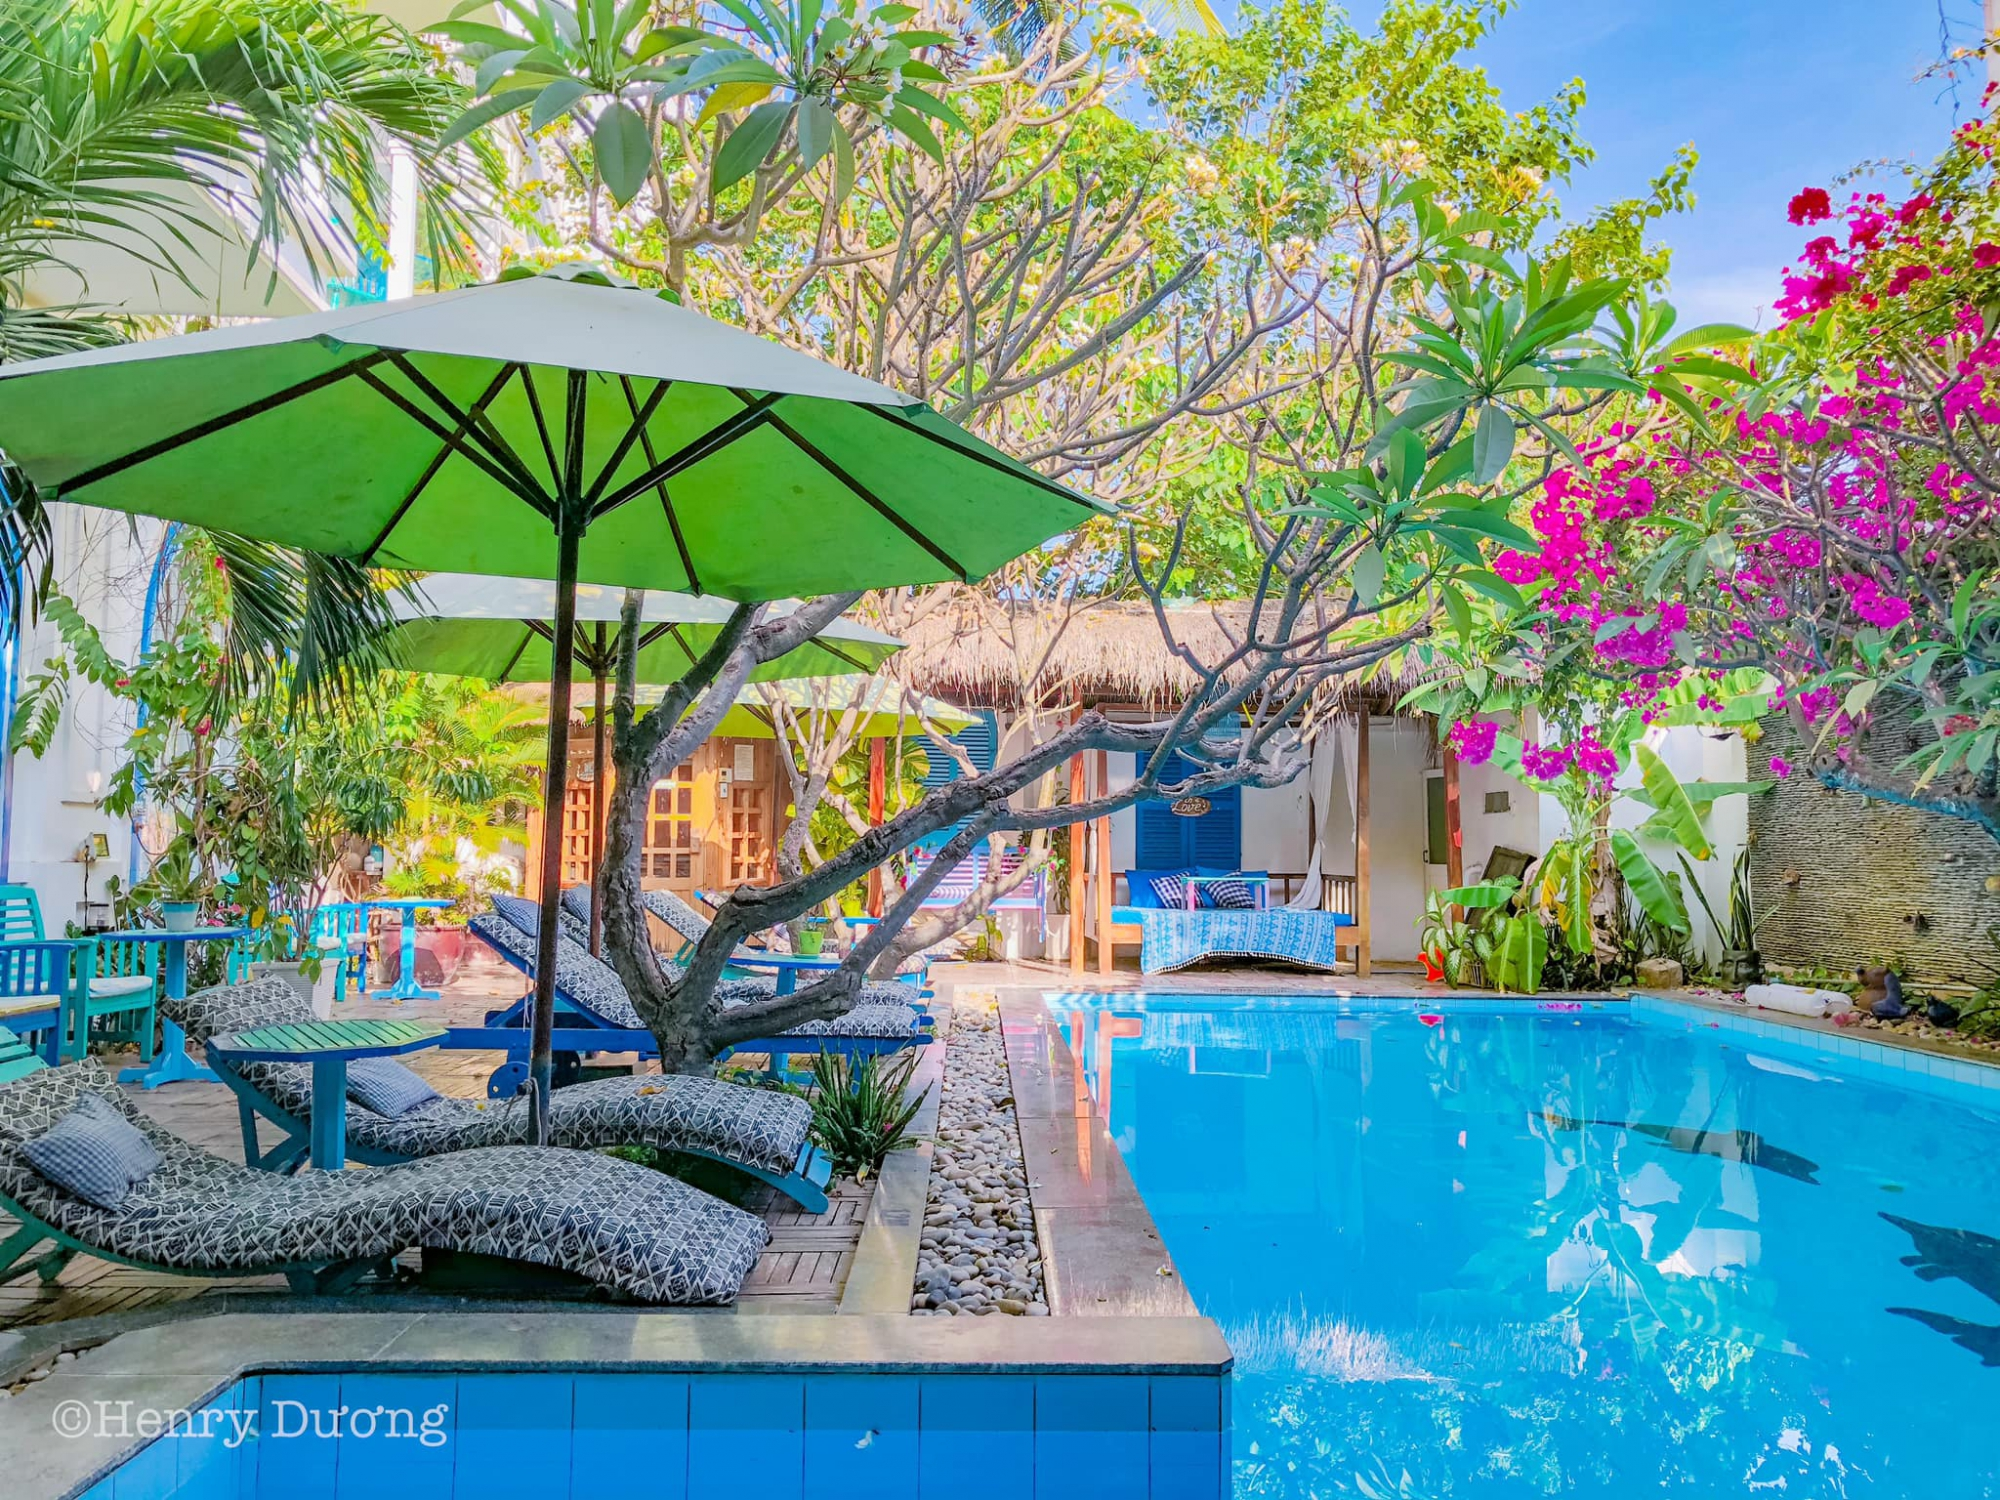 Khách sạn La Marina Mũi Né